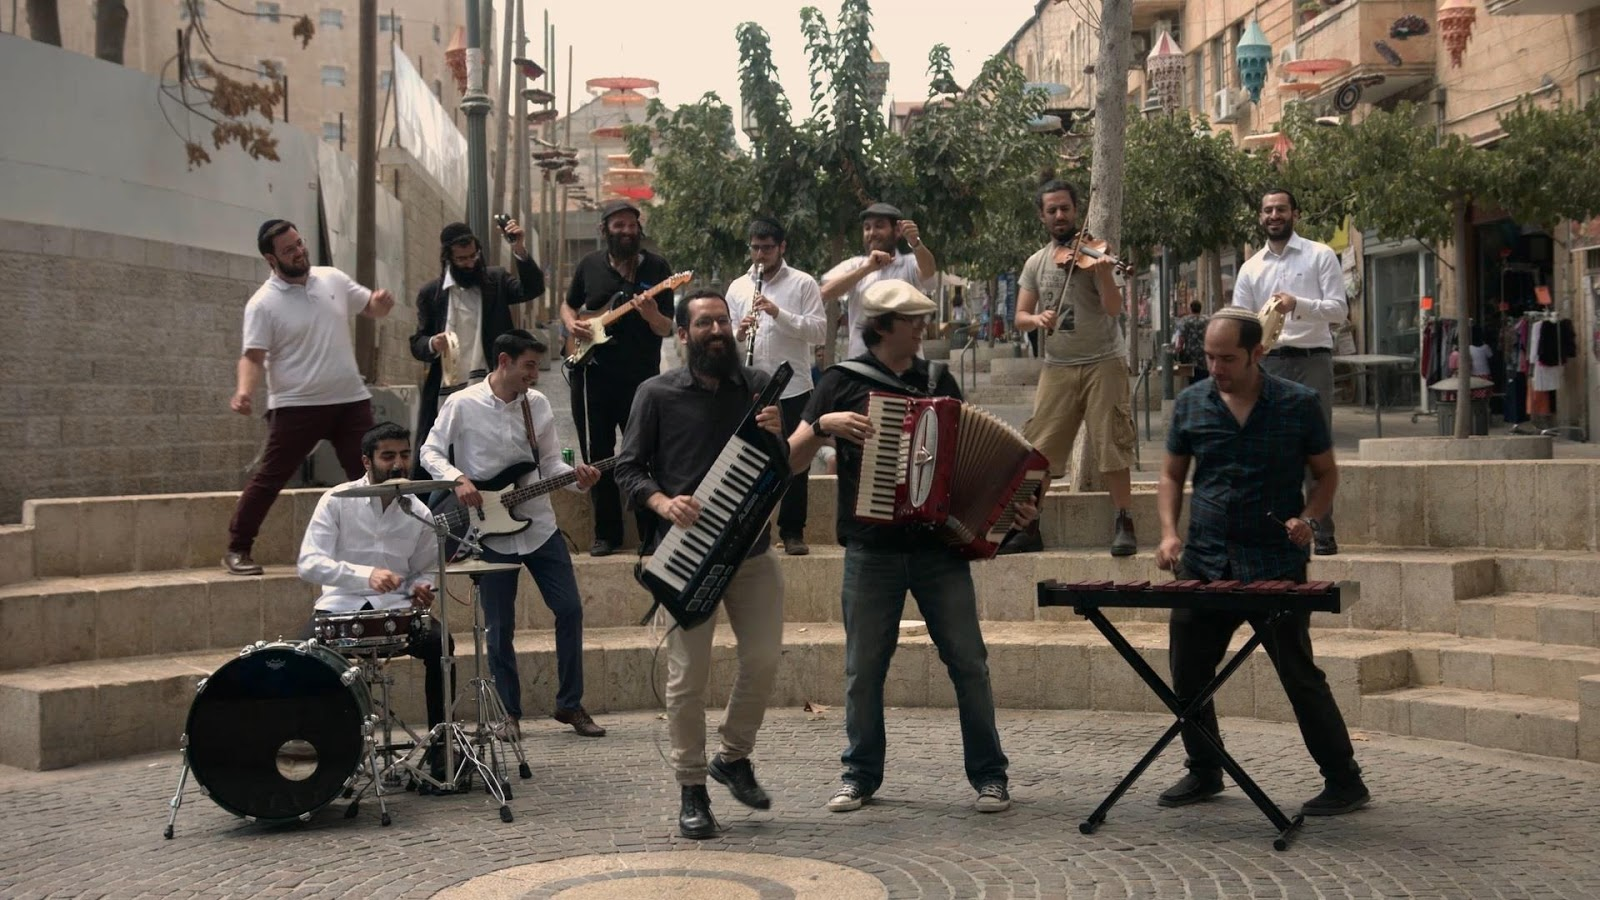 חדשות Hd: חדשות המוזיקה להורדה: אחיה אשר כהן אלורו וחברים